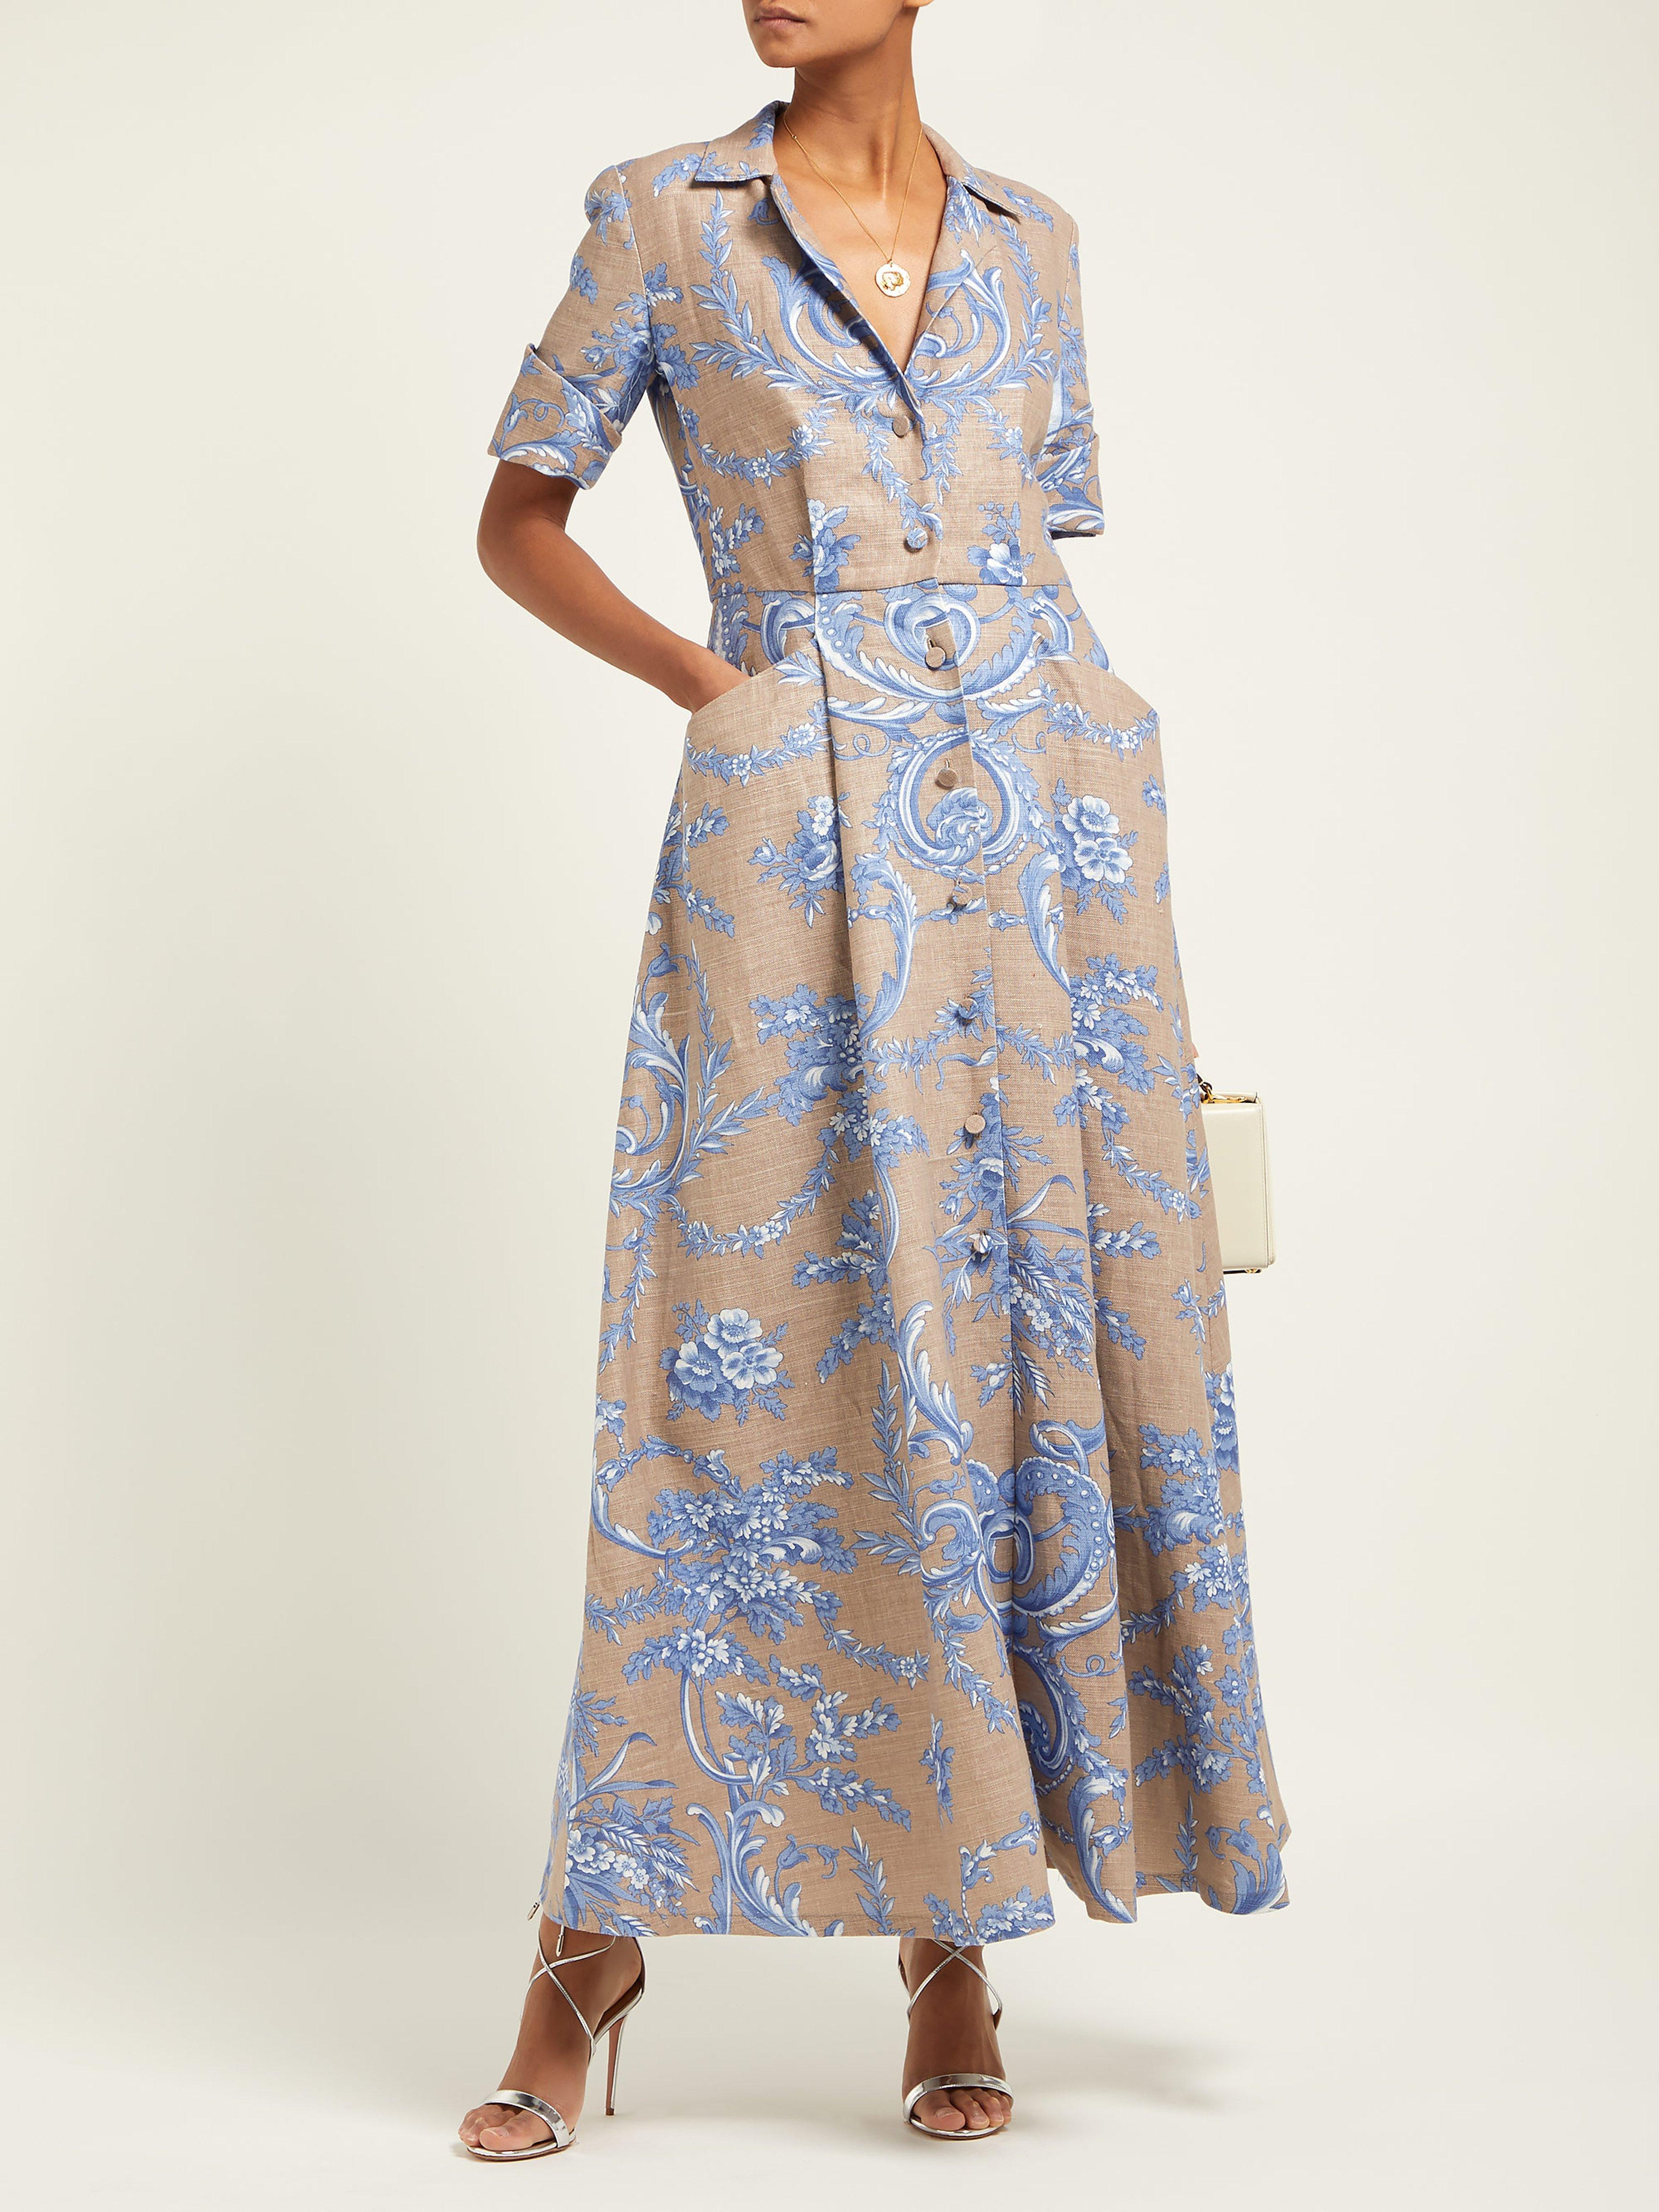 f538d7a6cf Marta Ferri Floral Print Pleated Linen Maxi Dress in Blue - Lyst